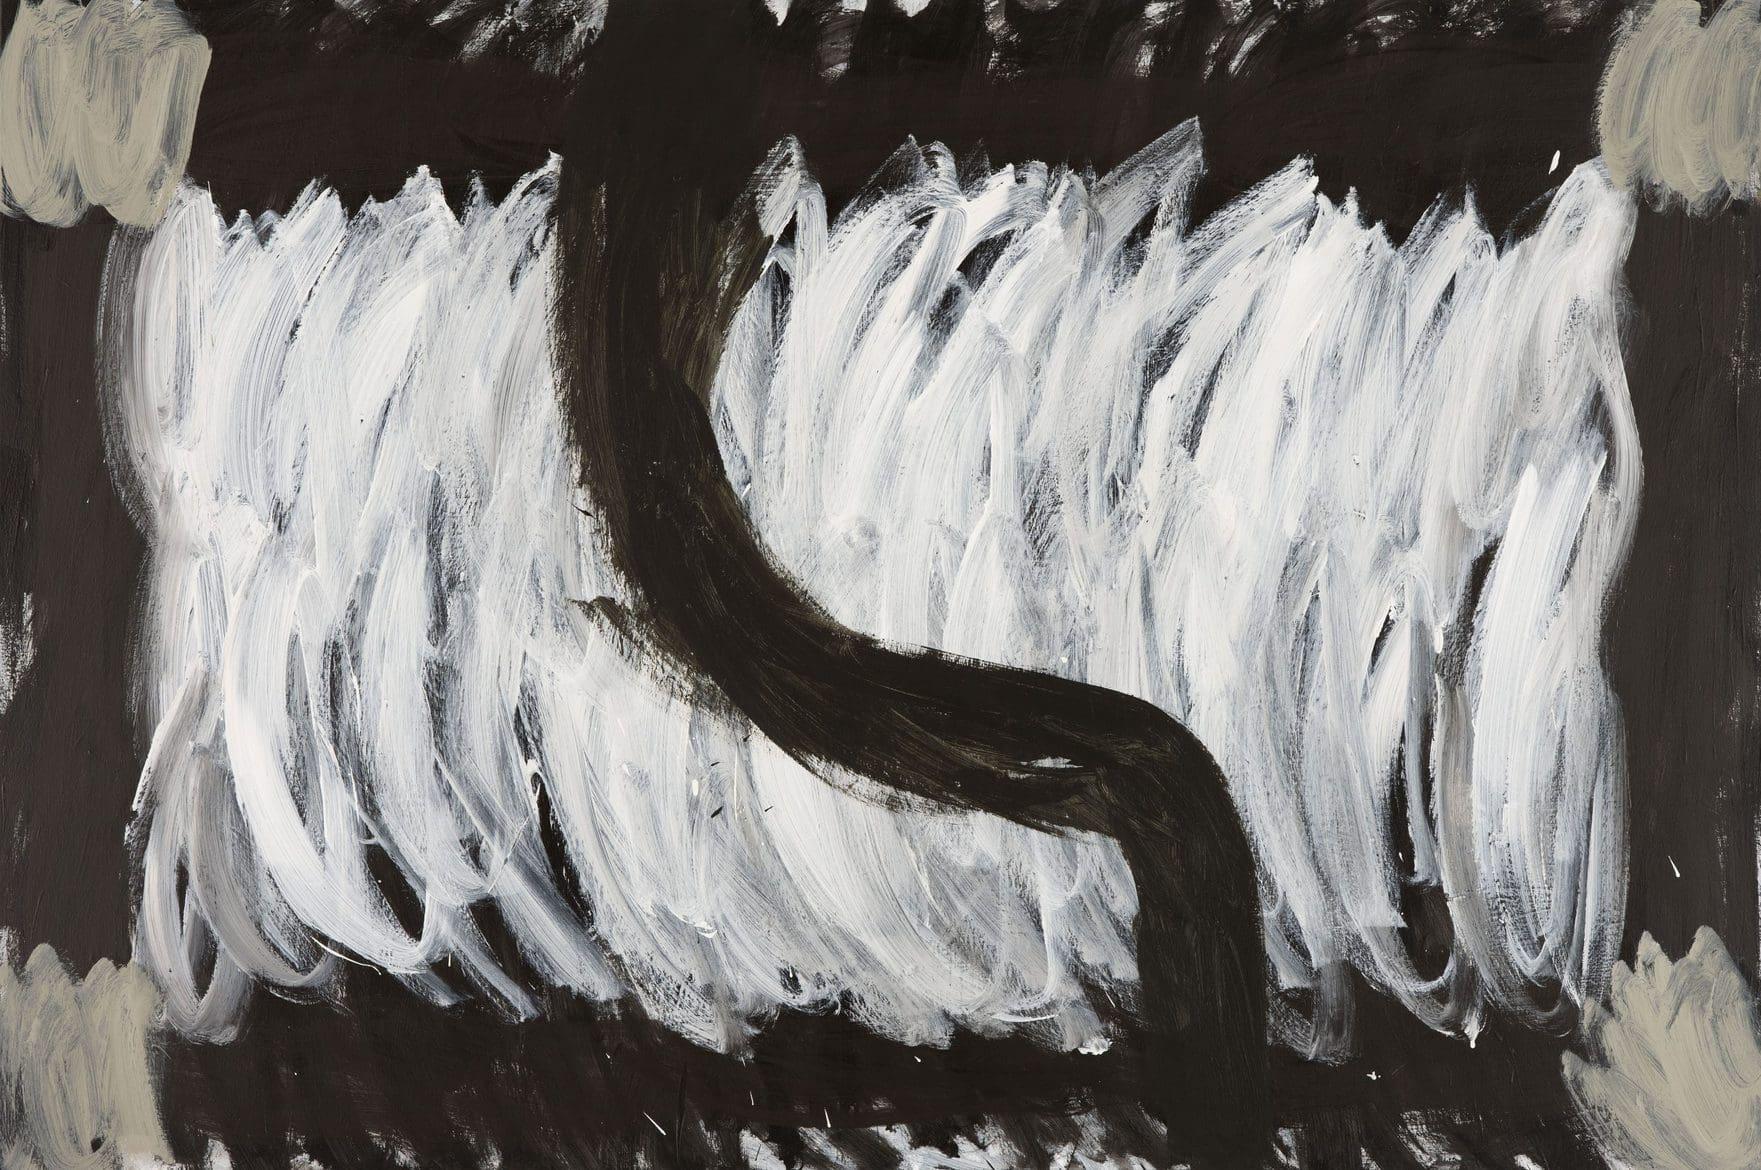 Lottie Consalvo, 'The Sea Flooded The Sky', 2019, acrylic on canvas, 122 x 183 cm